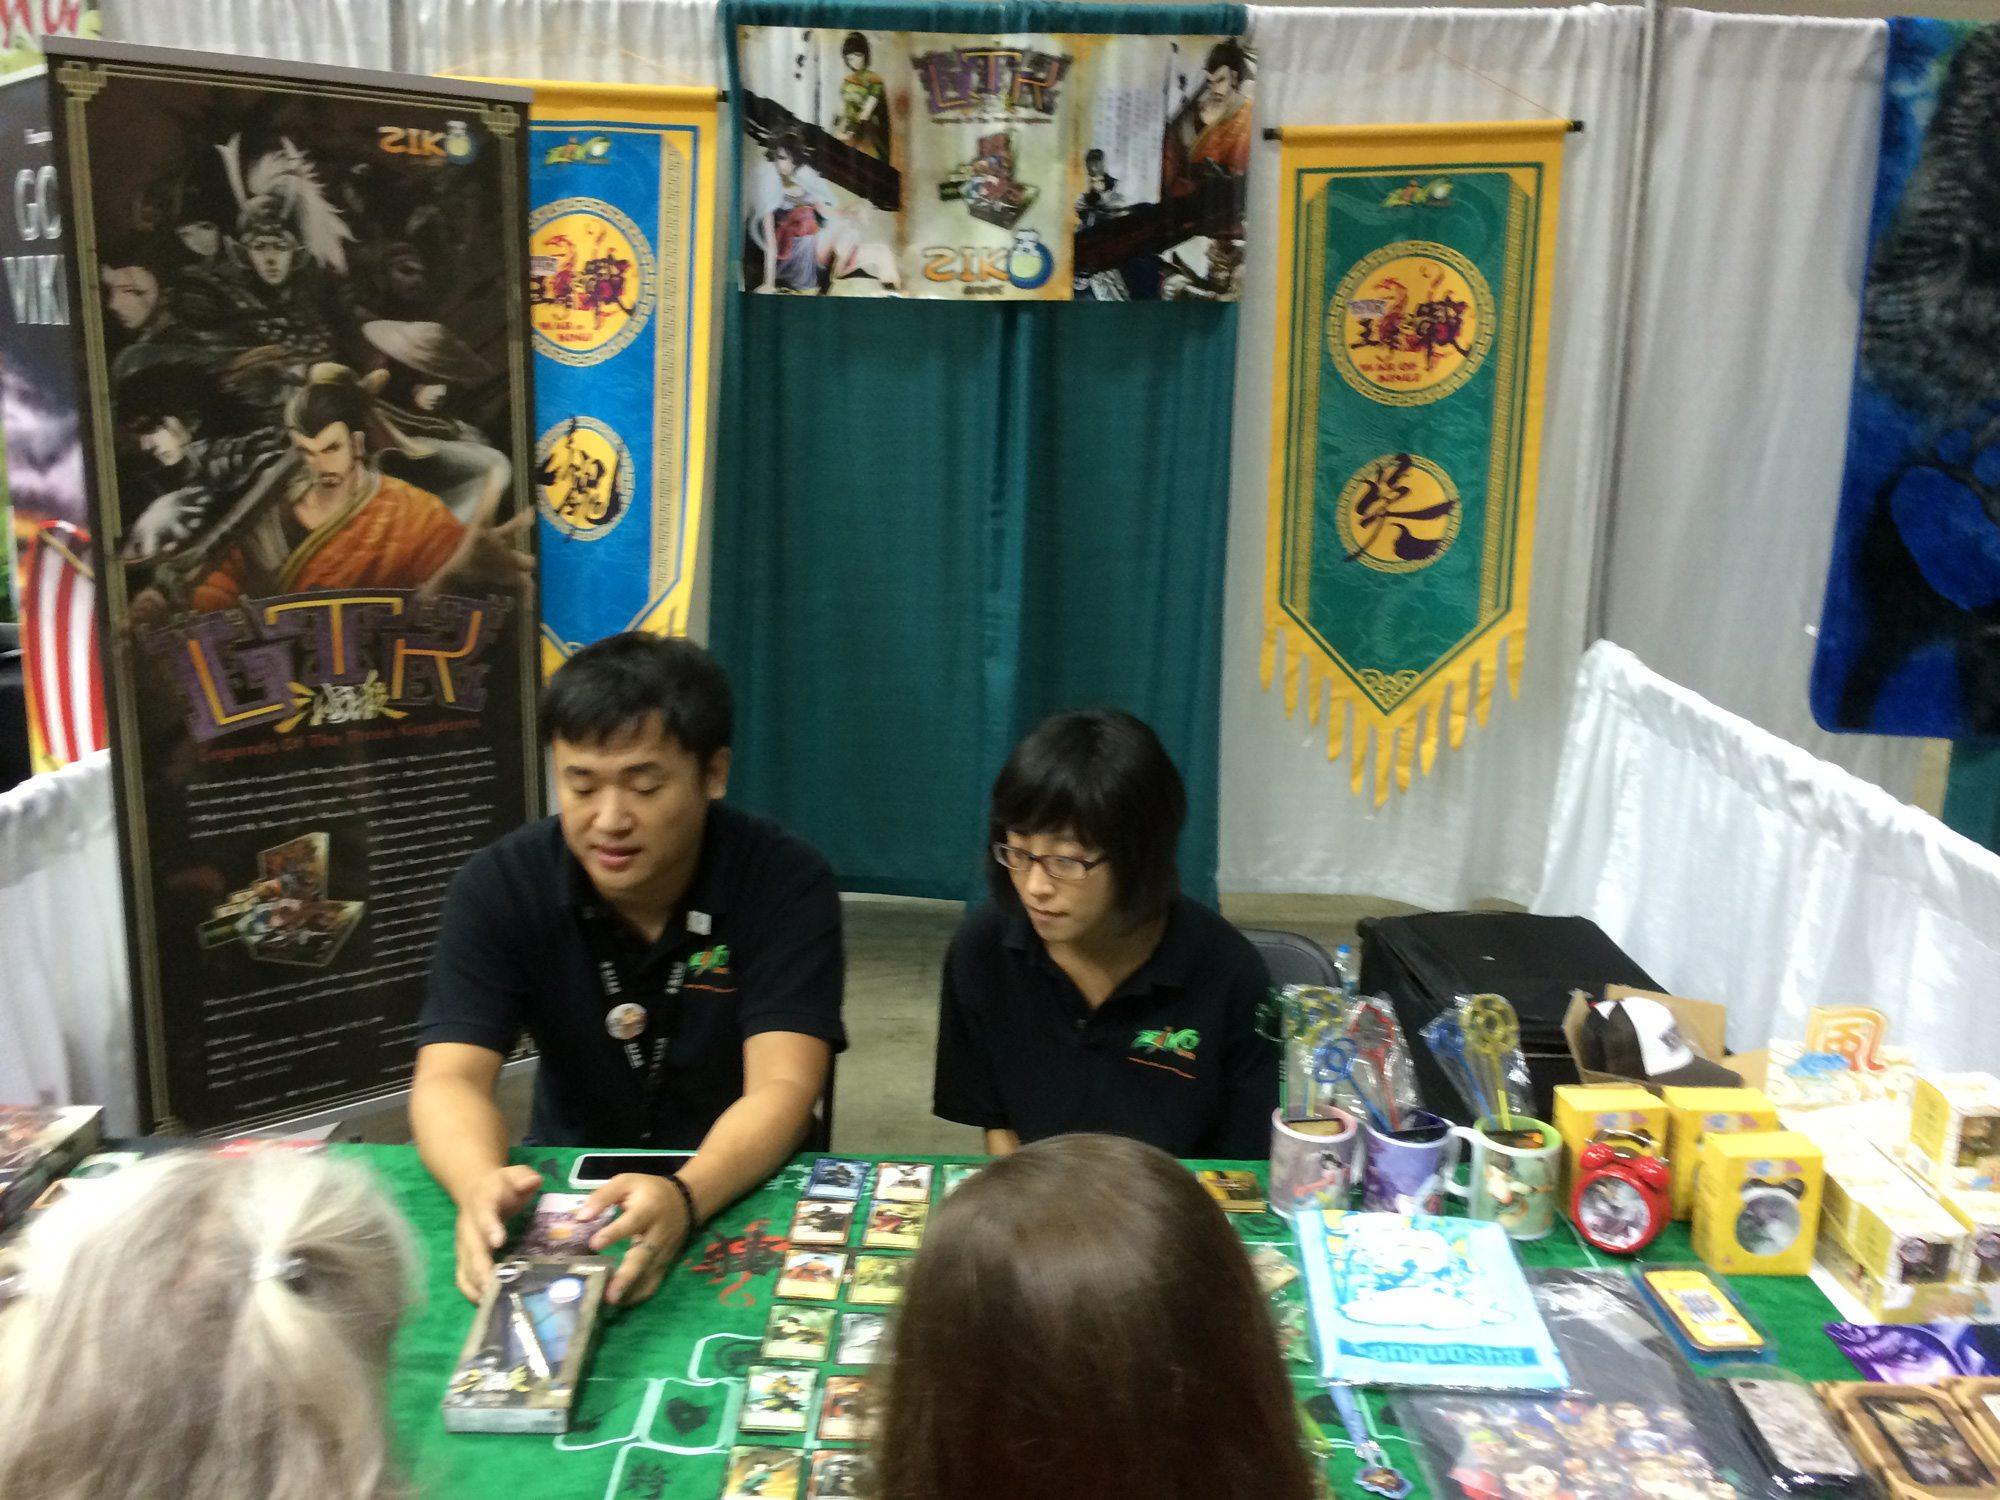 Ziko Games